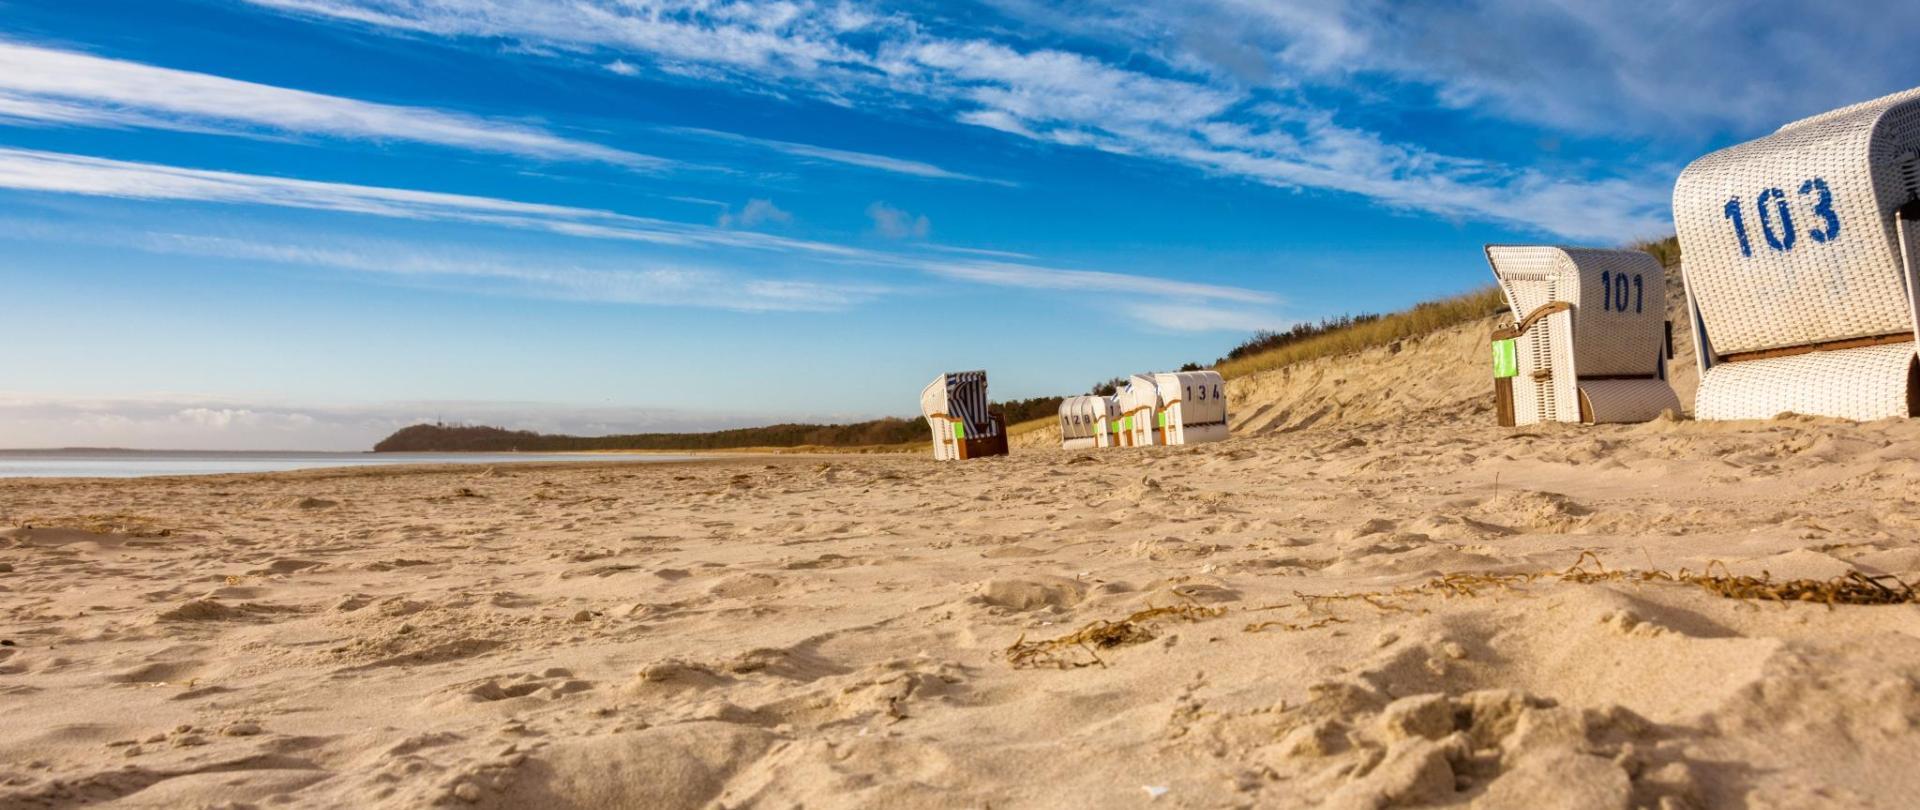 beach-4115236.jpg